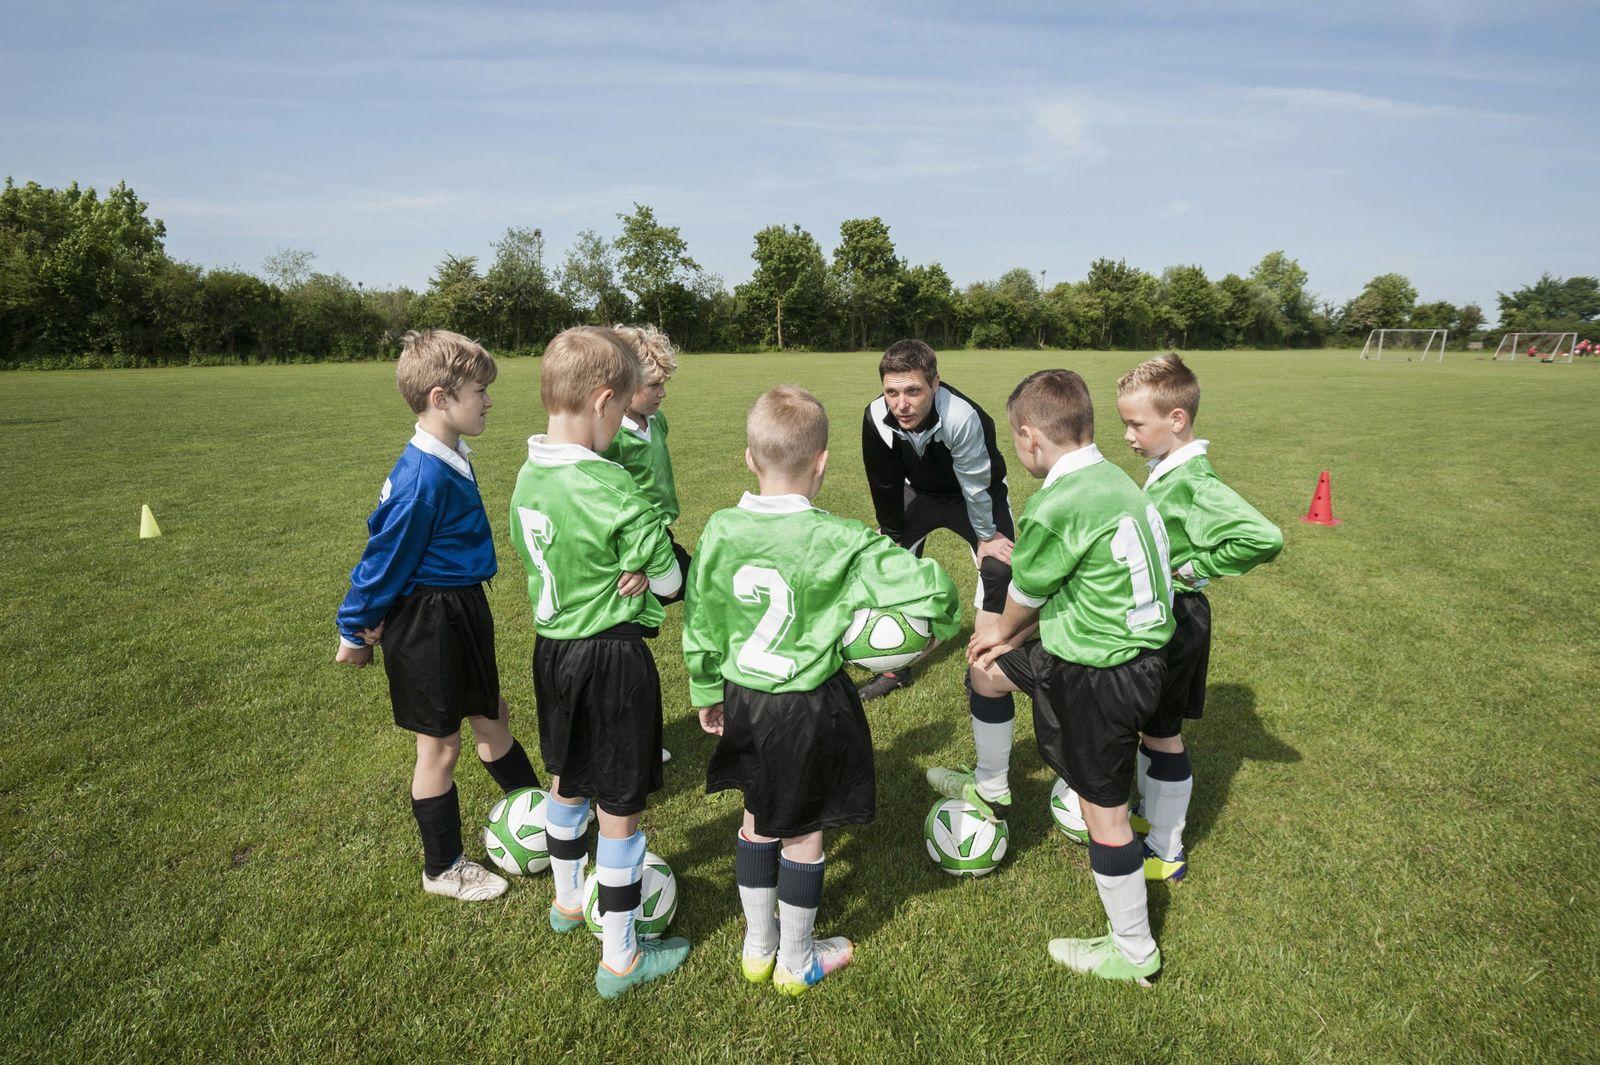 NICHT MEHR VERWENDEN! - Symbolbild Fussball/ Kinder/ Jugend/ Kreis